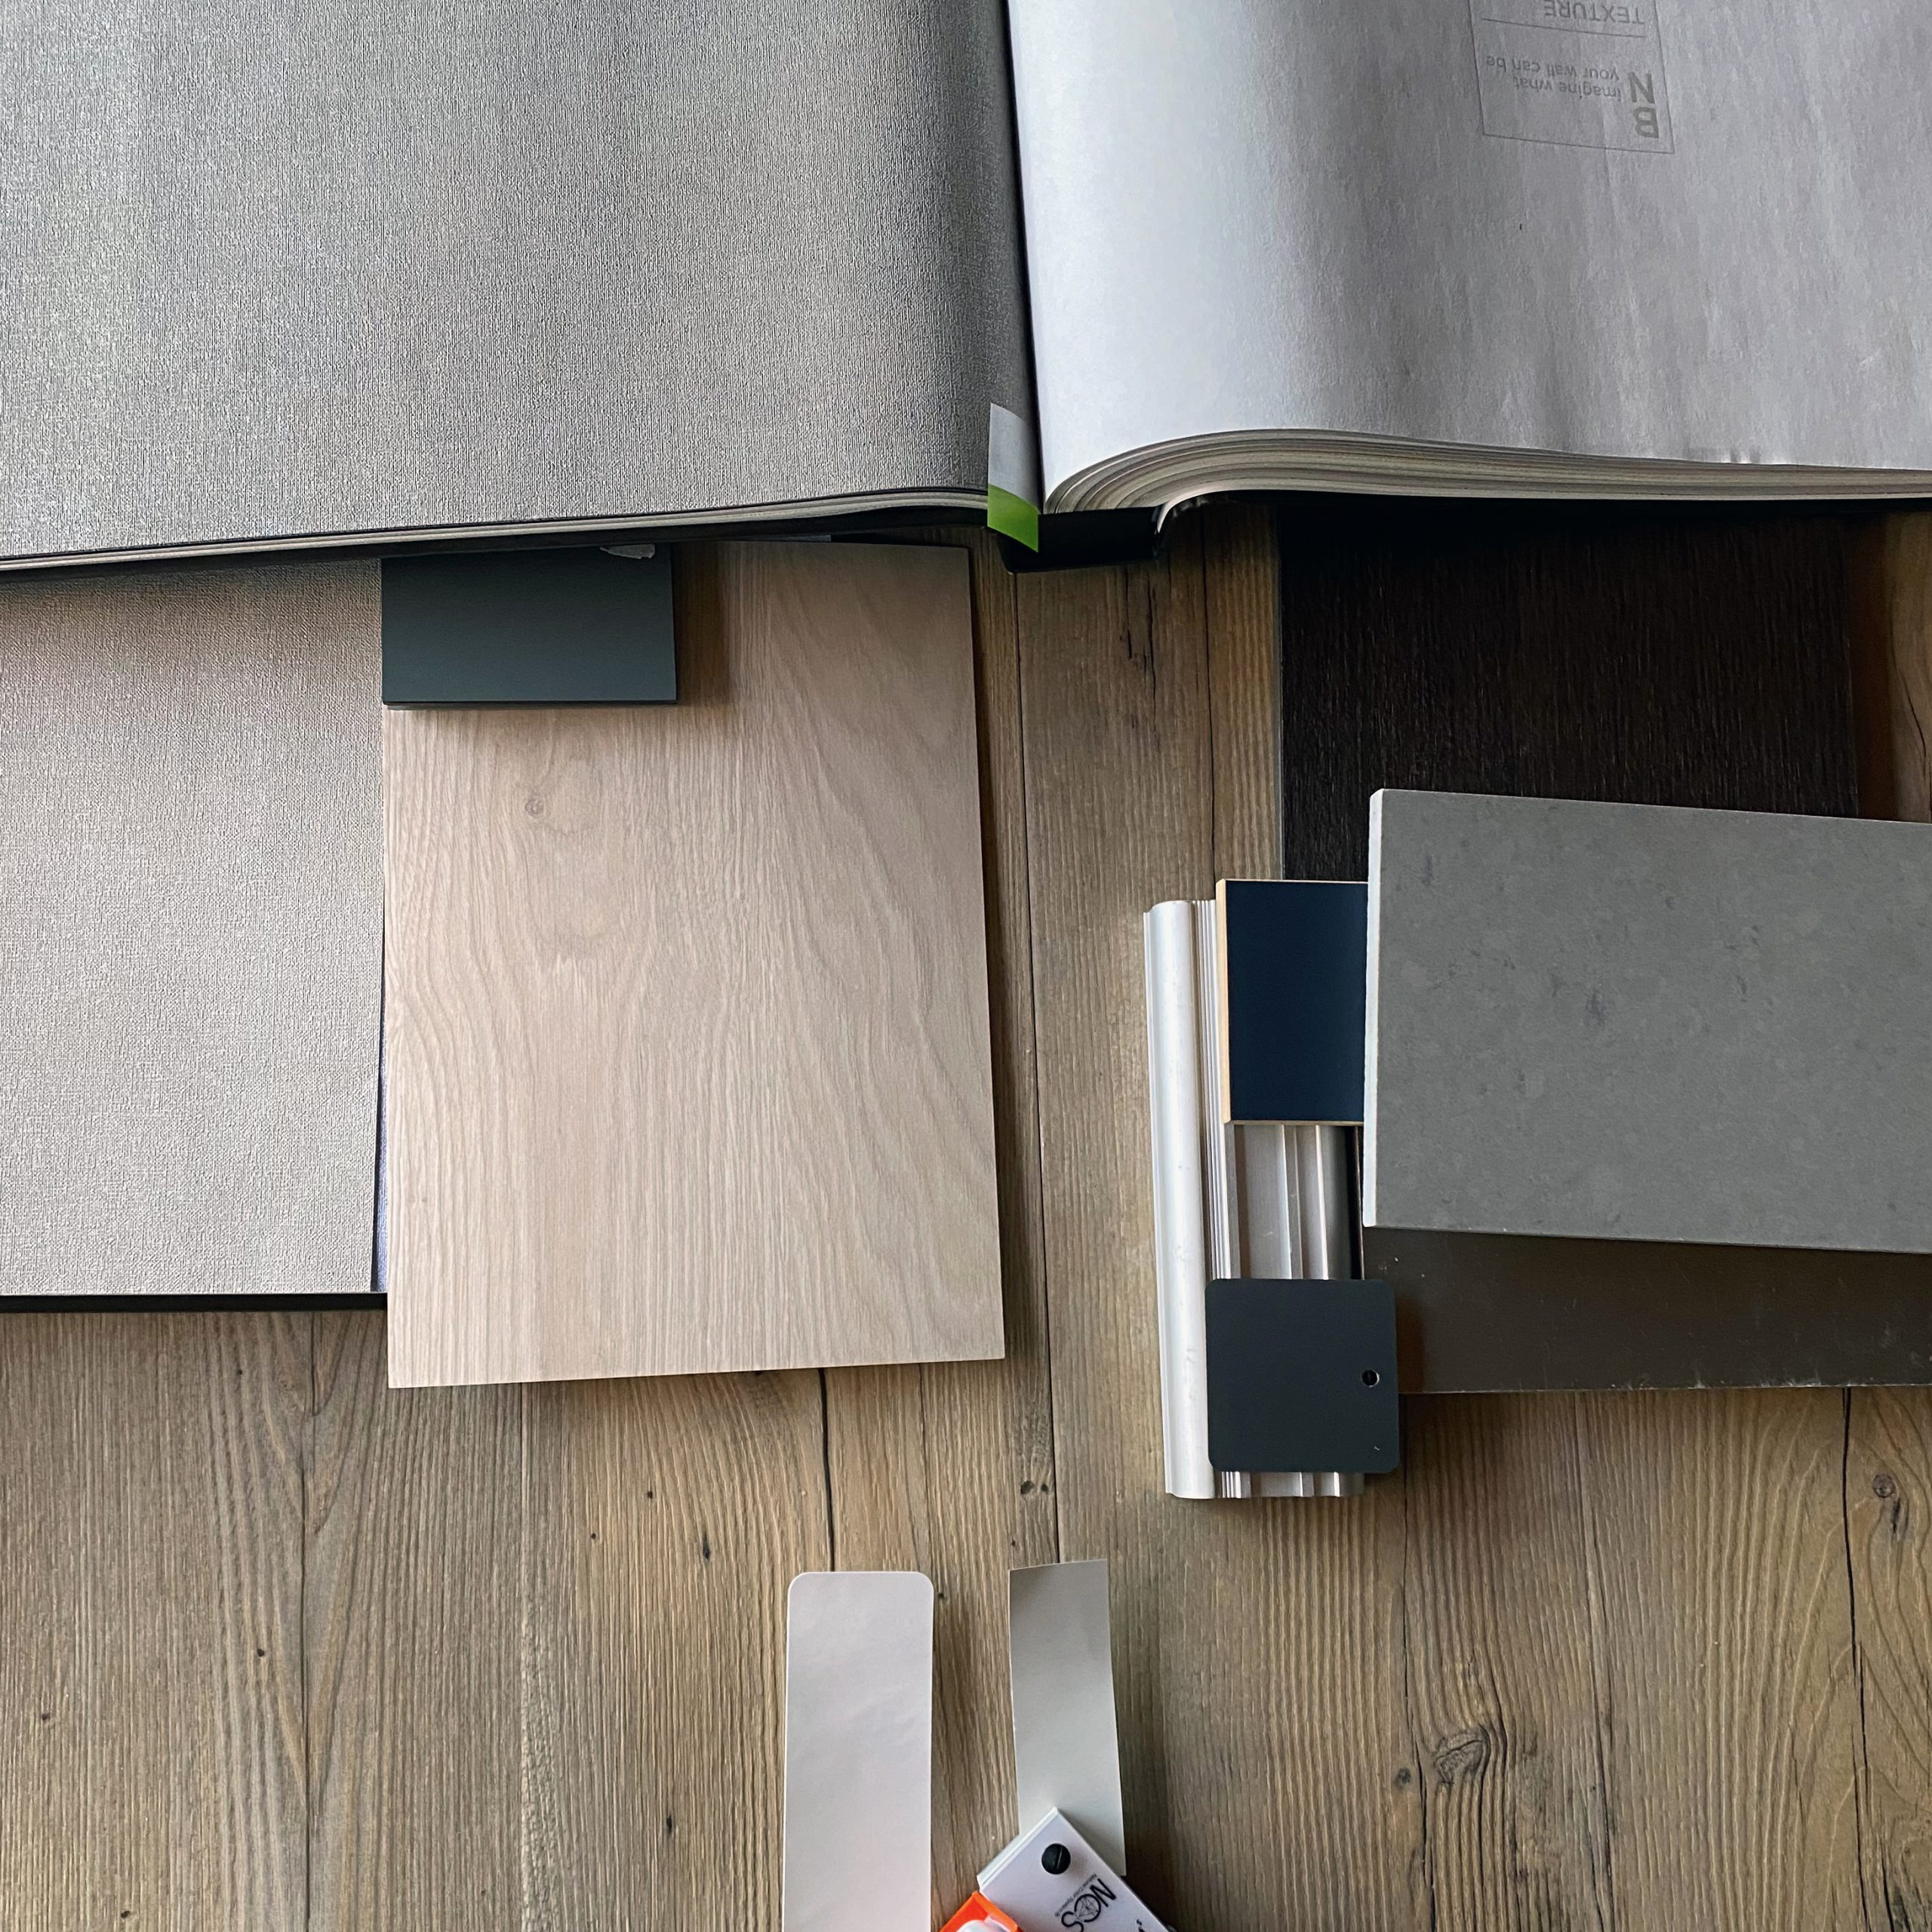 Materialen voor de keuken en twee prachtige maatwerkkasten